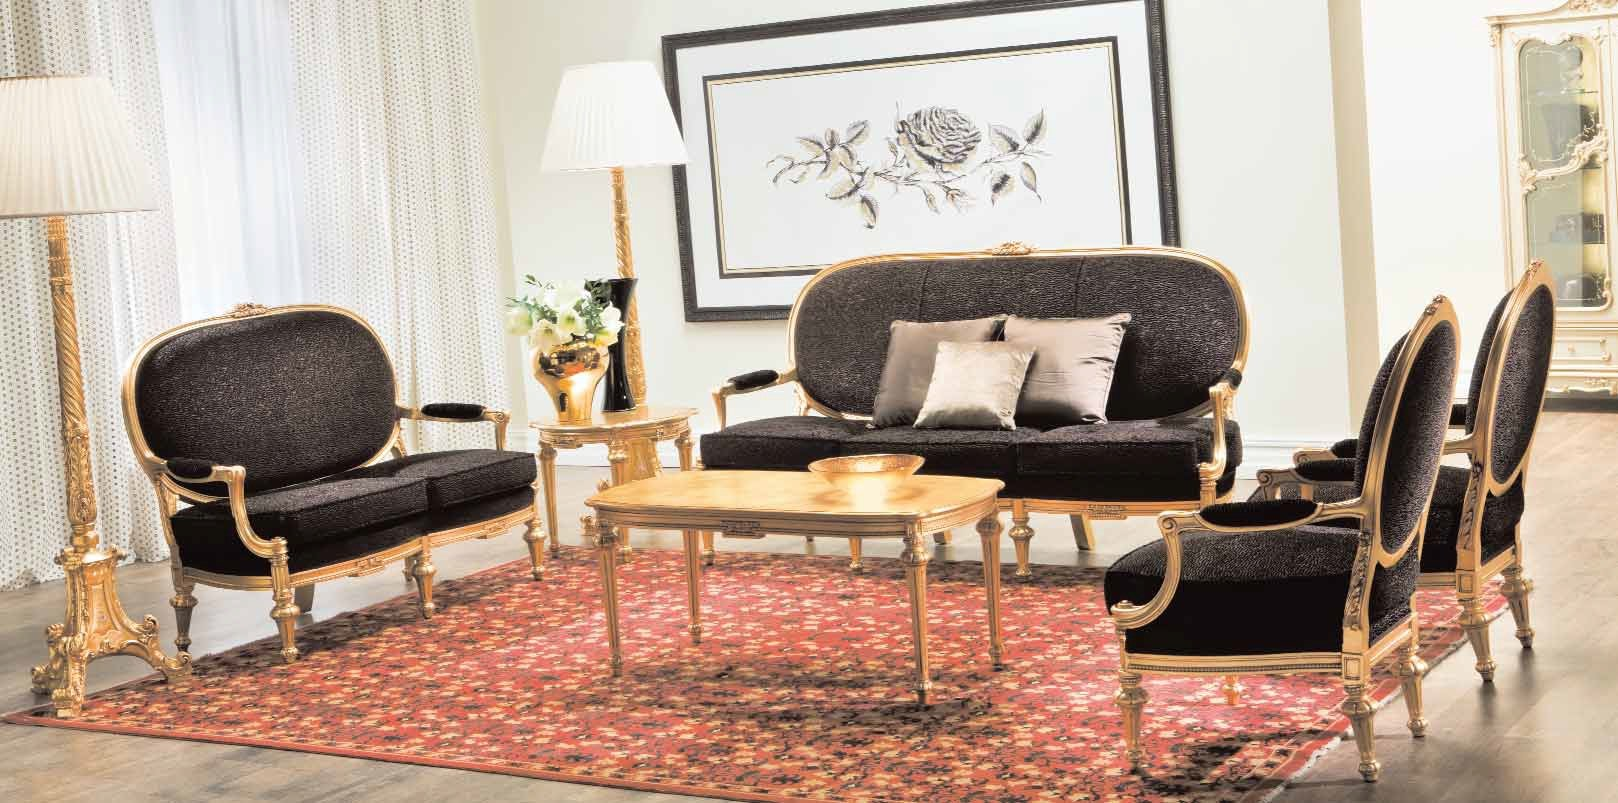 EDORAS комплект мягкой мебели 95870